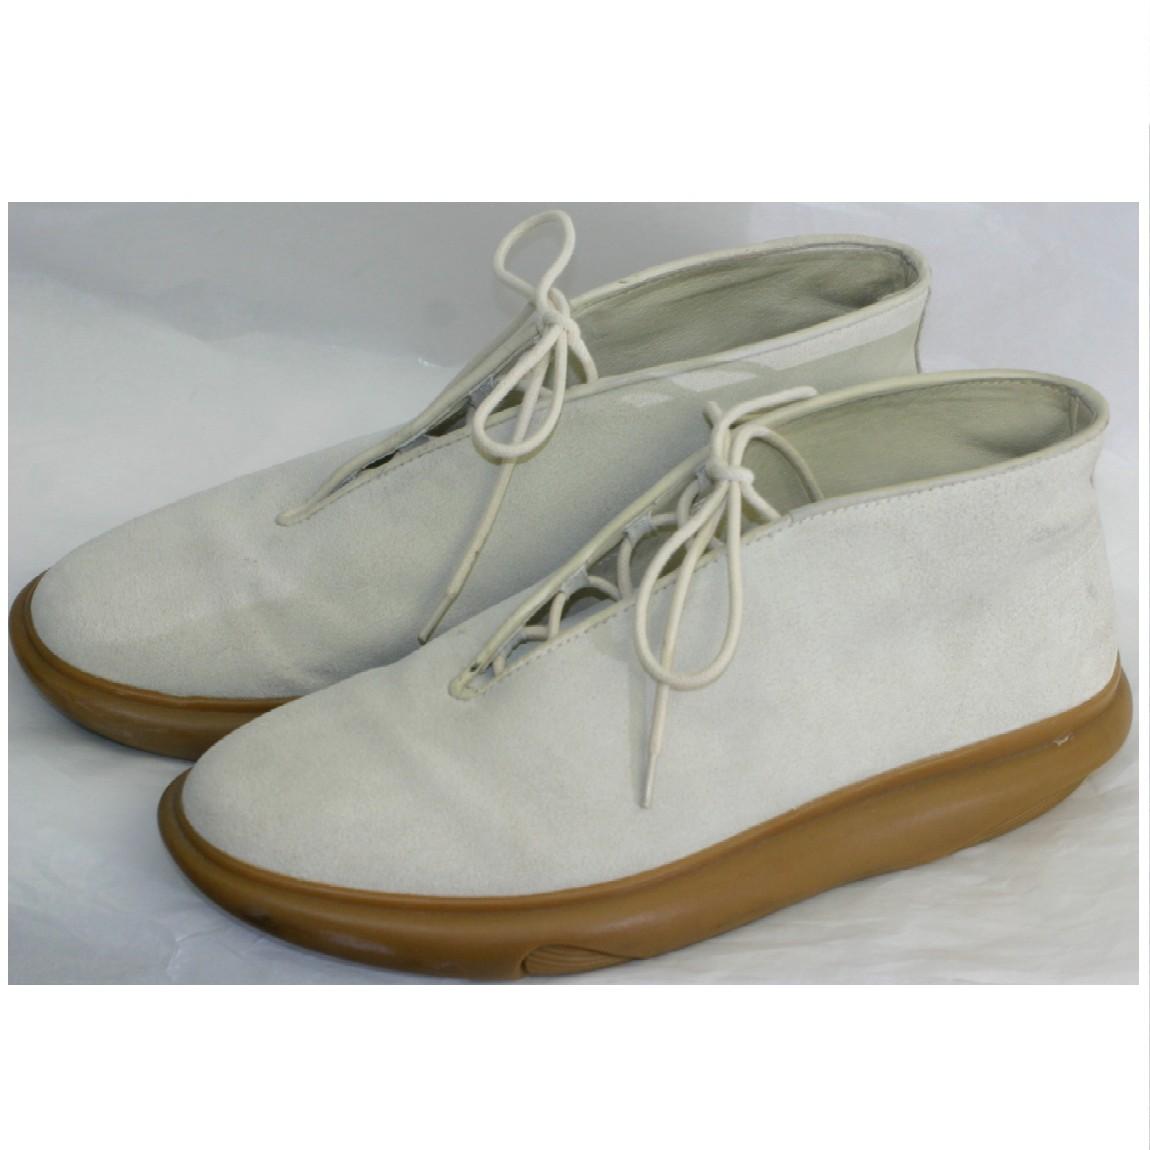 【中古】本物美品BEAMSで購入アーティクルNの紳士用オフホワイトスエード素材丈夫な作りの靴日本サイズ27,5cm定価38000円何回か履きました